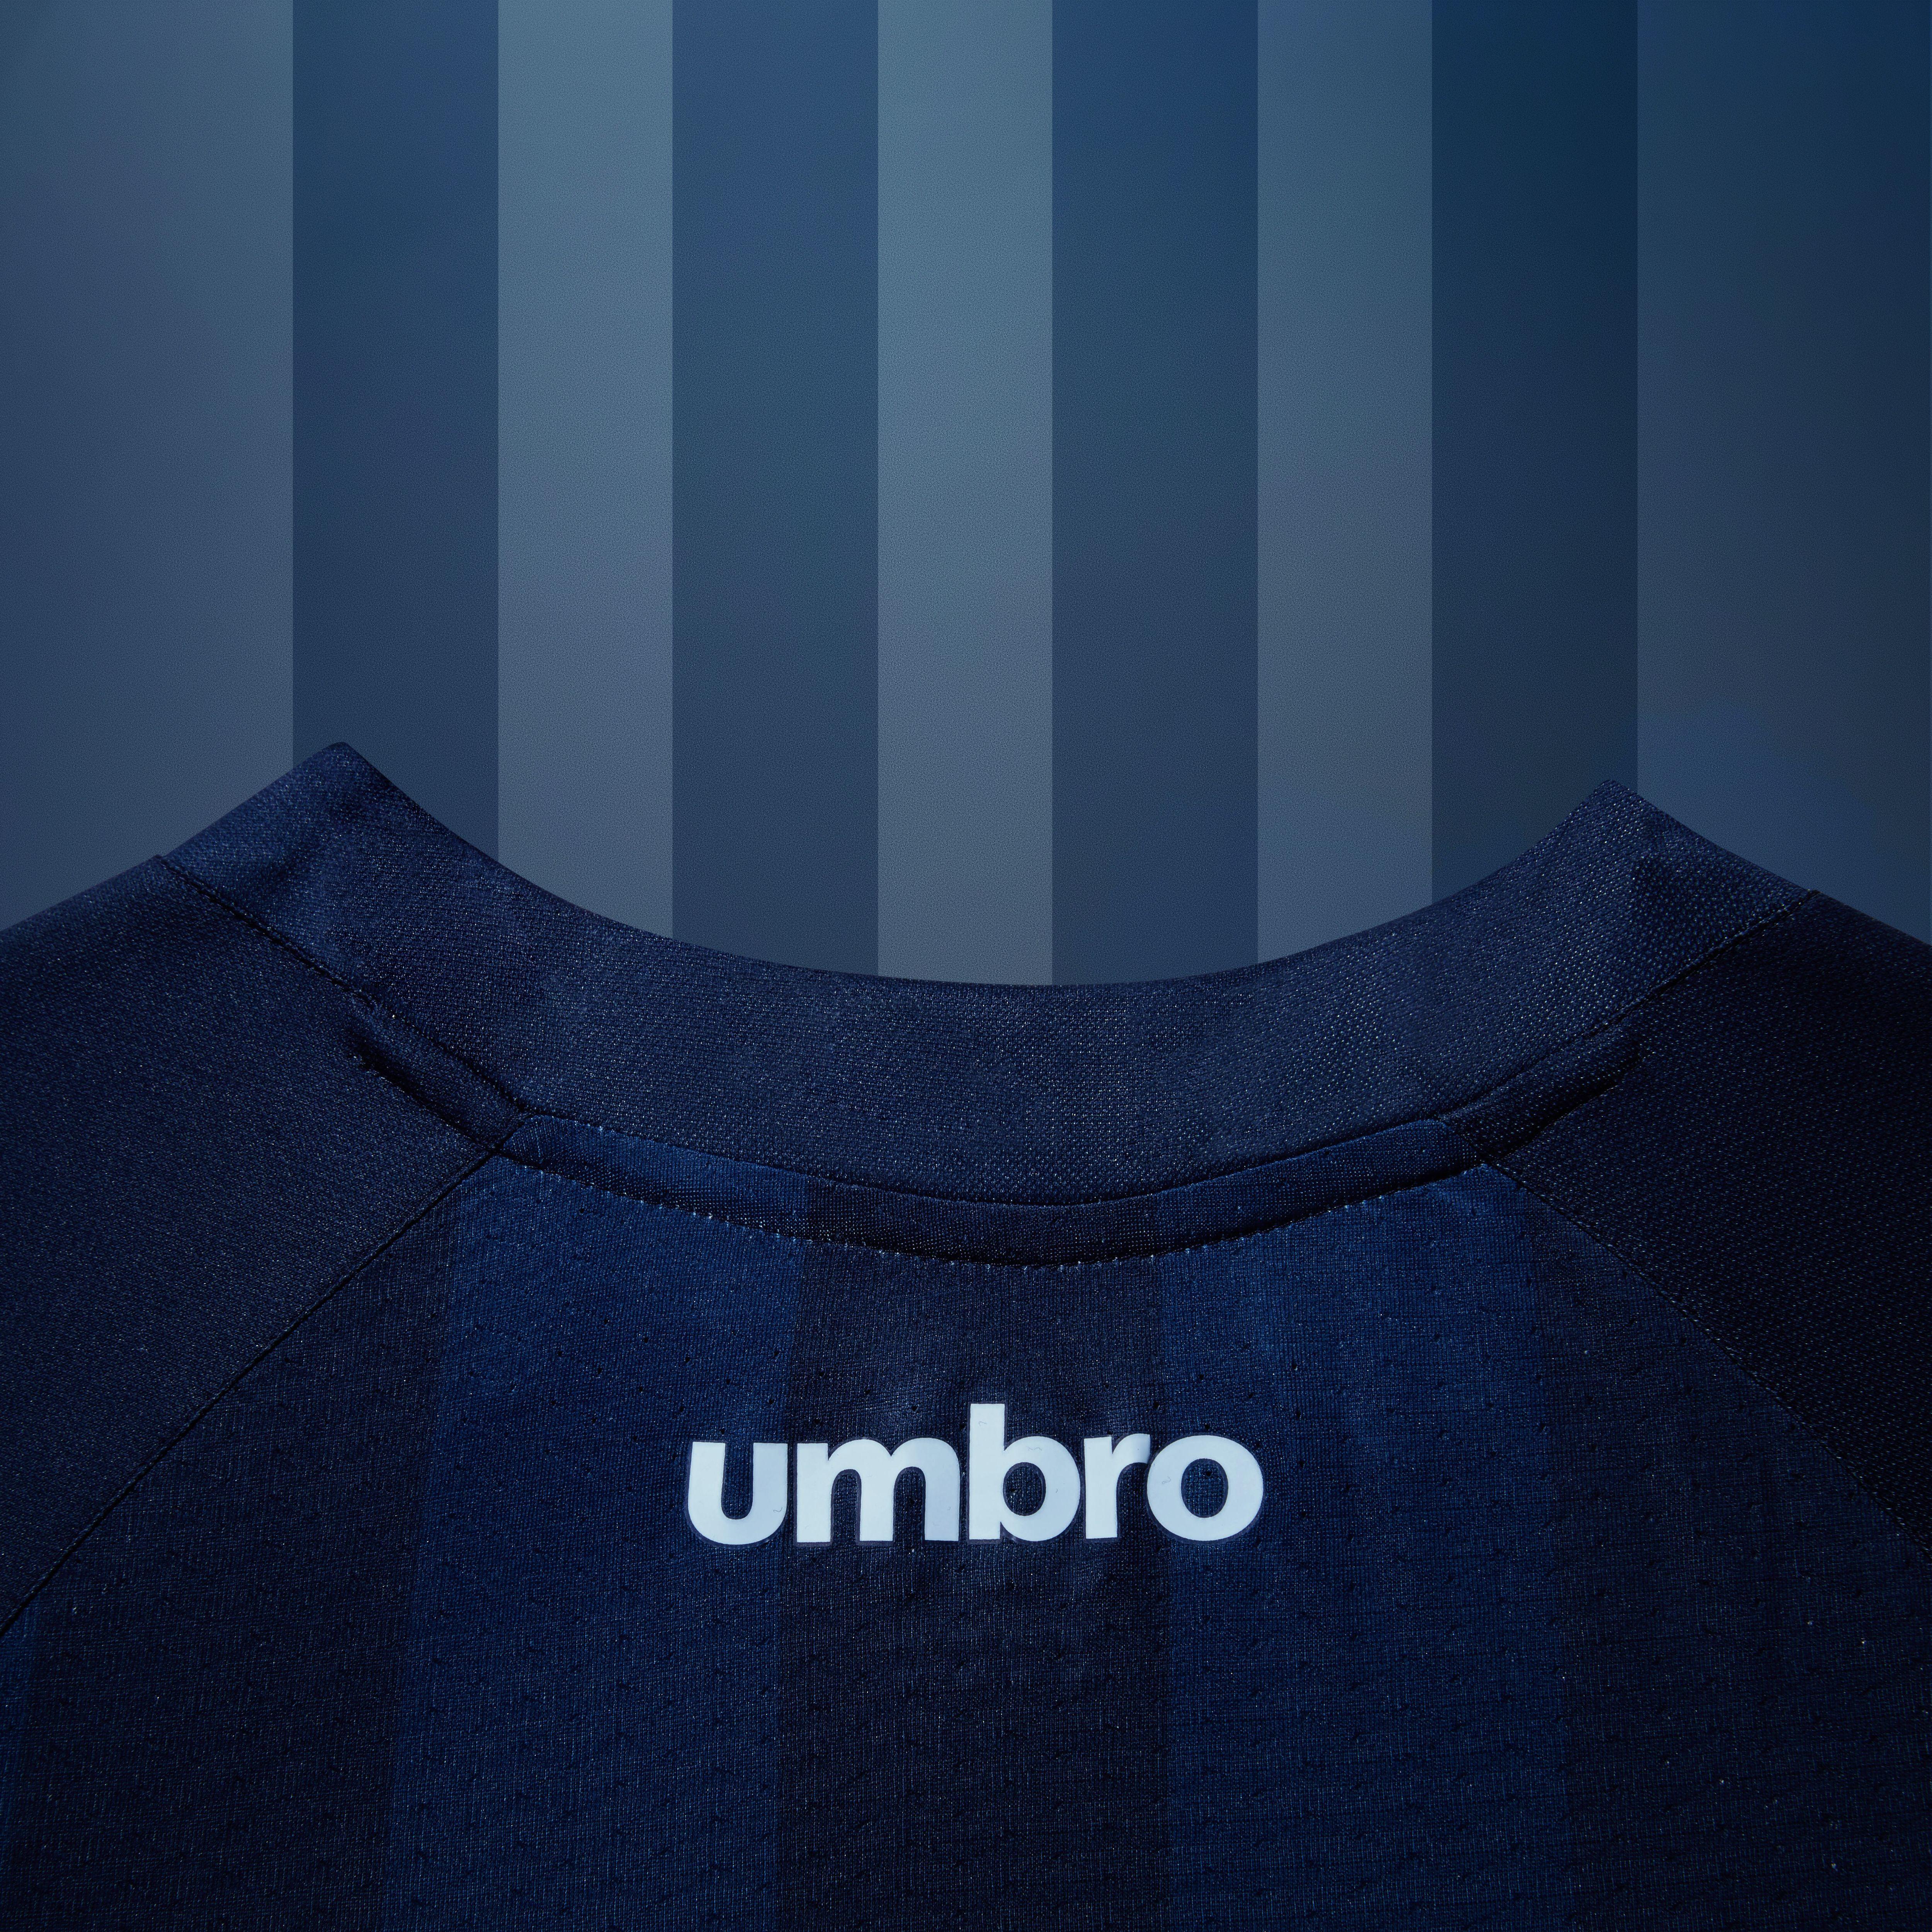 Barcelona apresenta novo uniforme 2 azul turquesa   A camisa que ... 1734af1fc0e3e